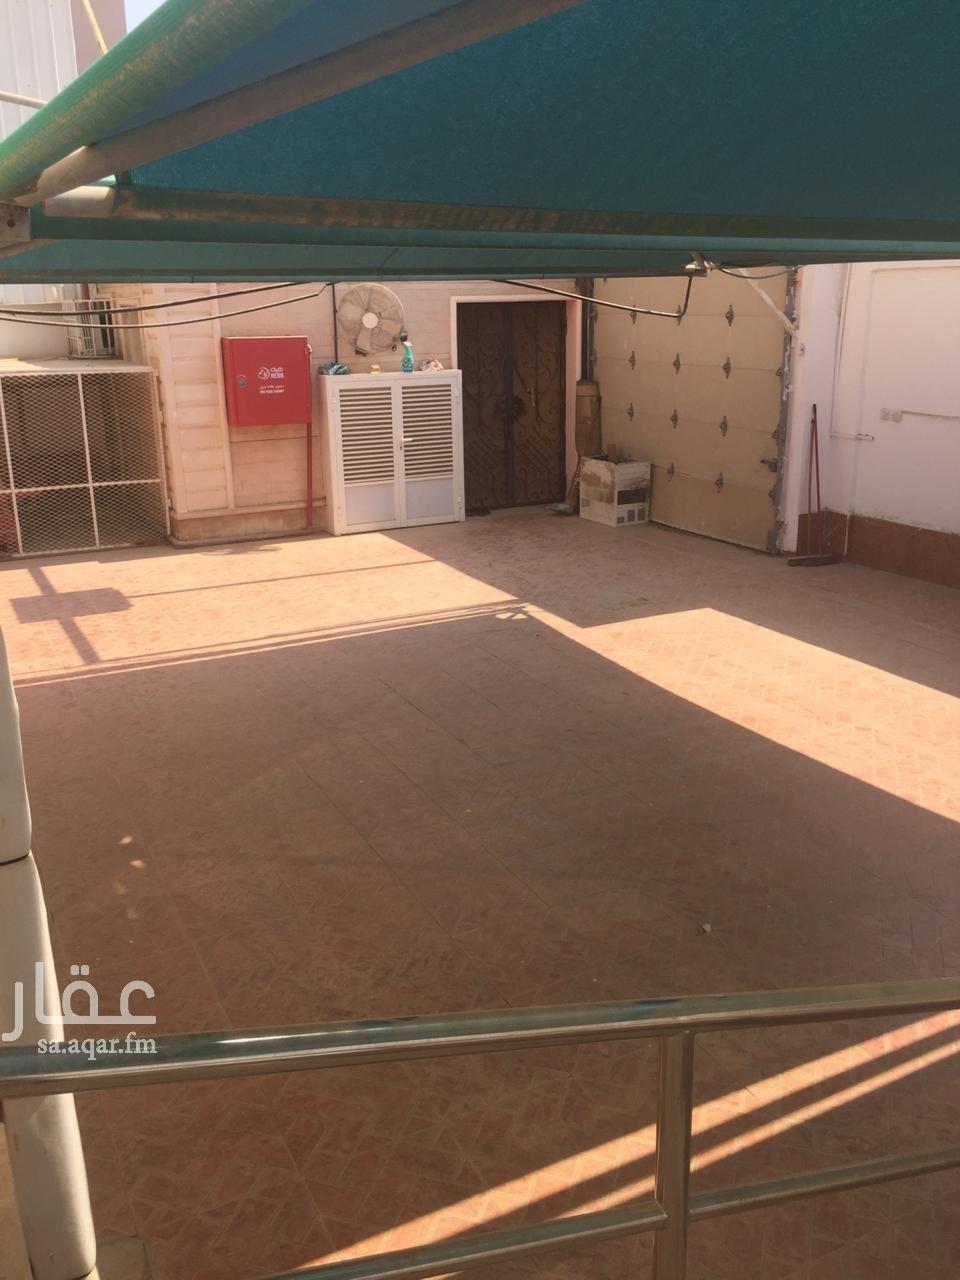 فيلا للبيع في شارع الإمام أحمد بن حنبل ، حي المحمدية ، جدة